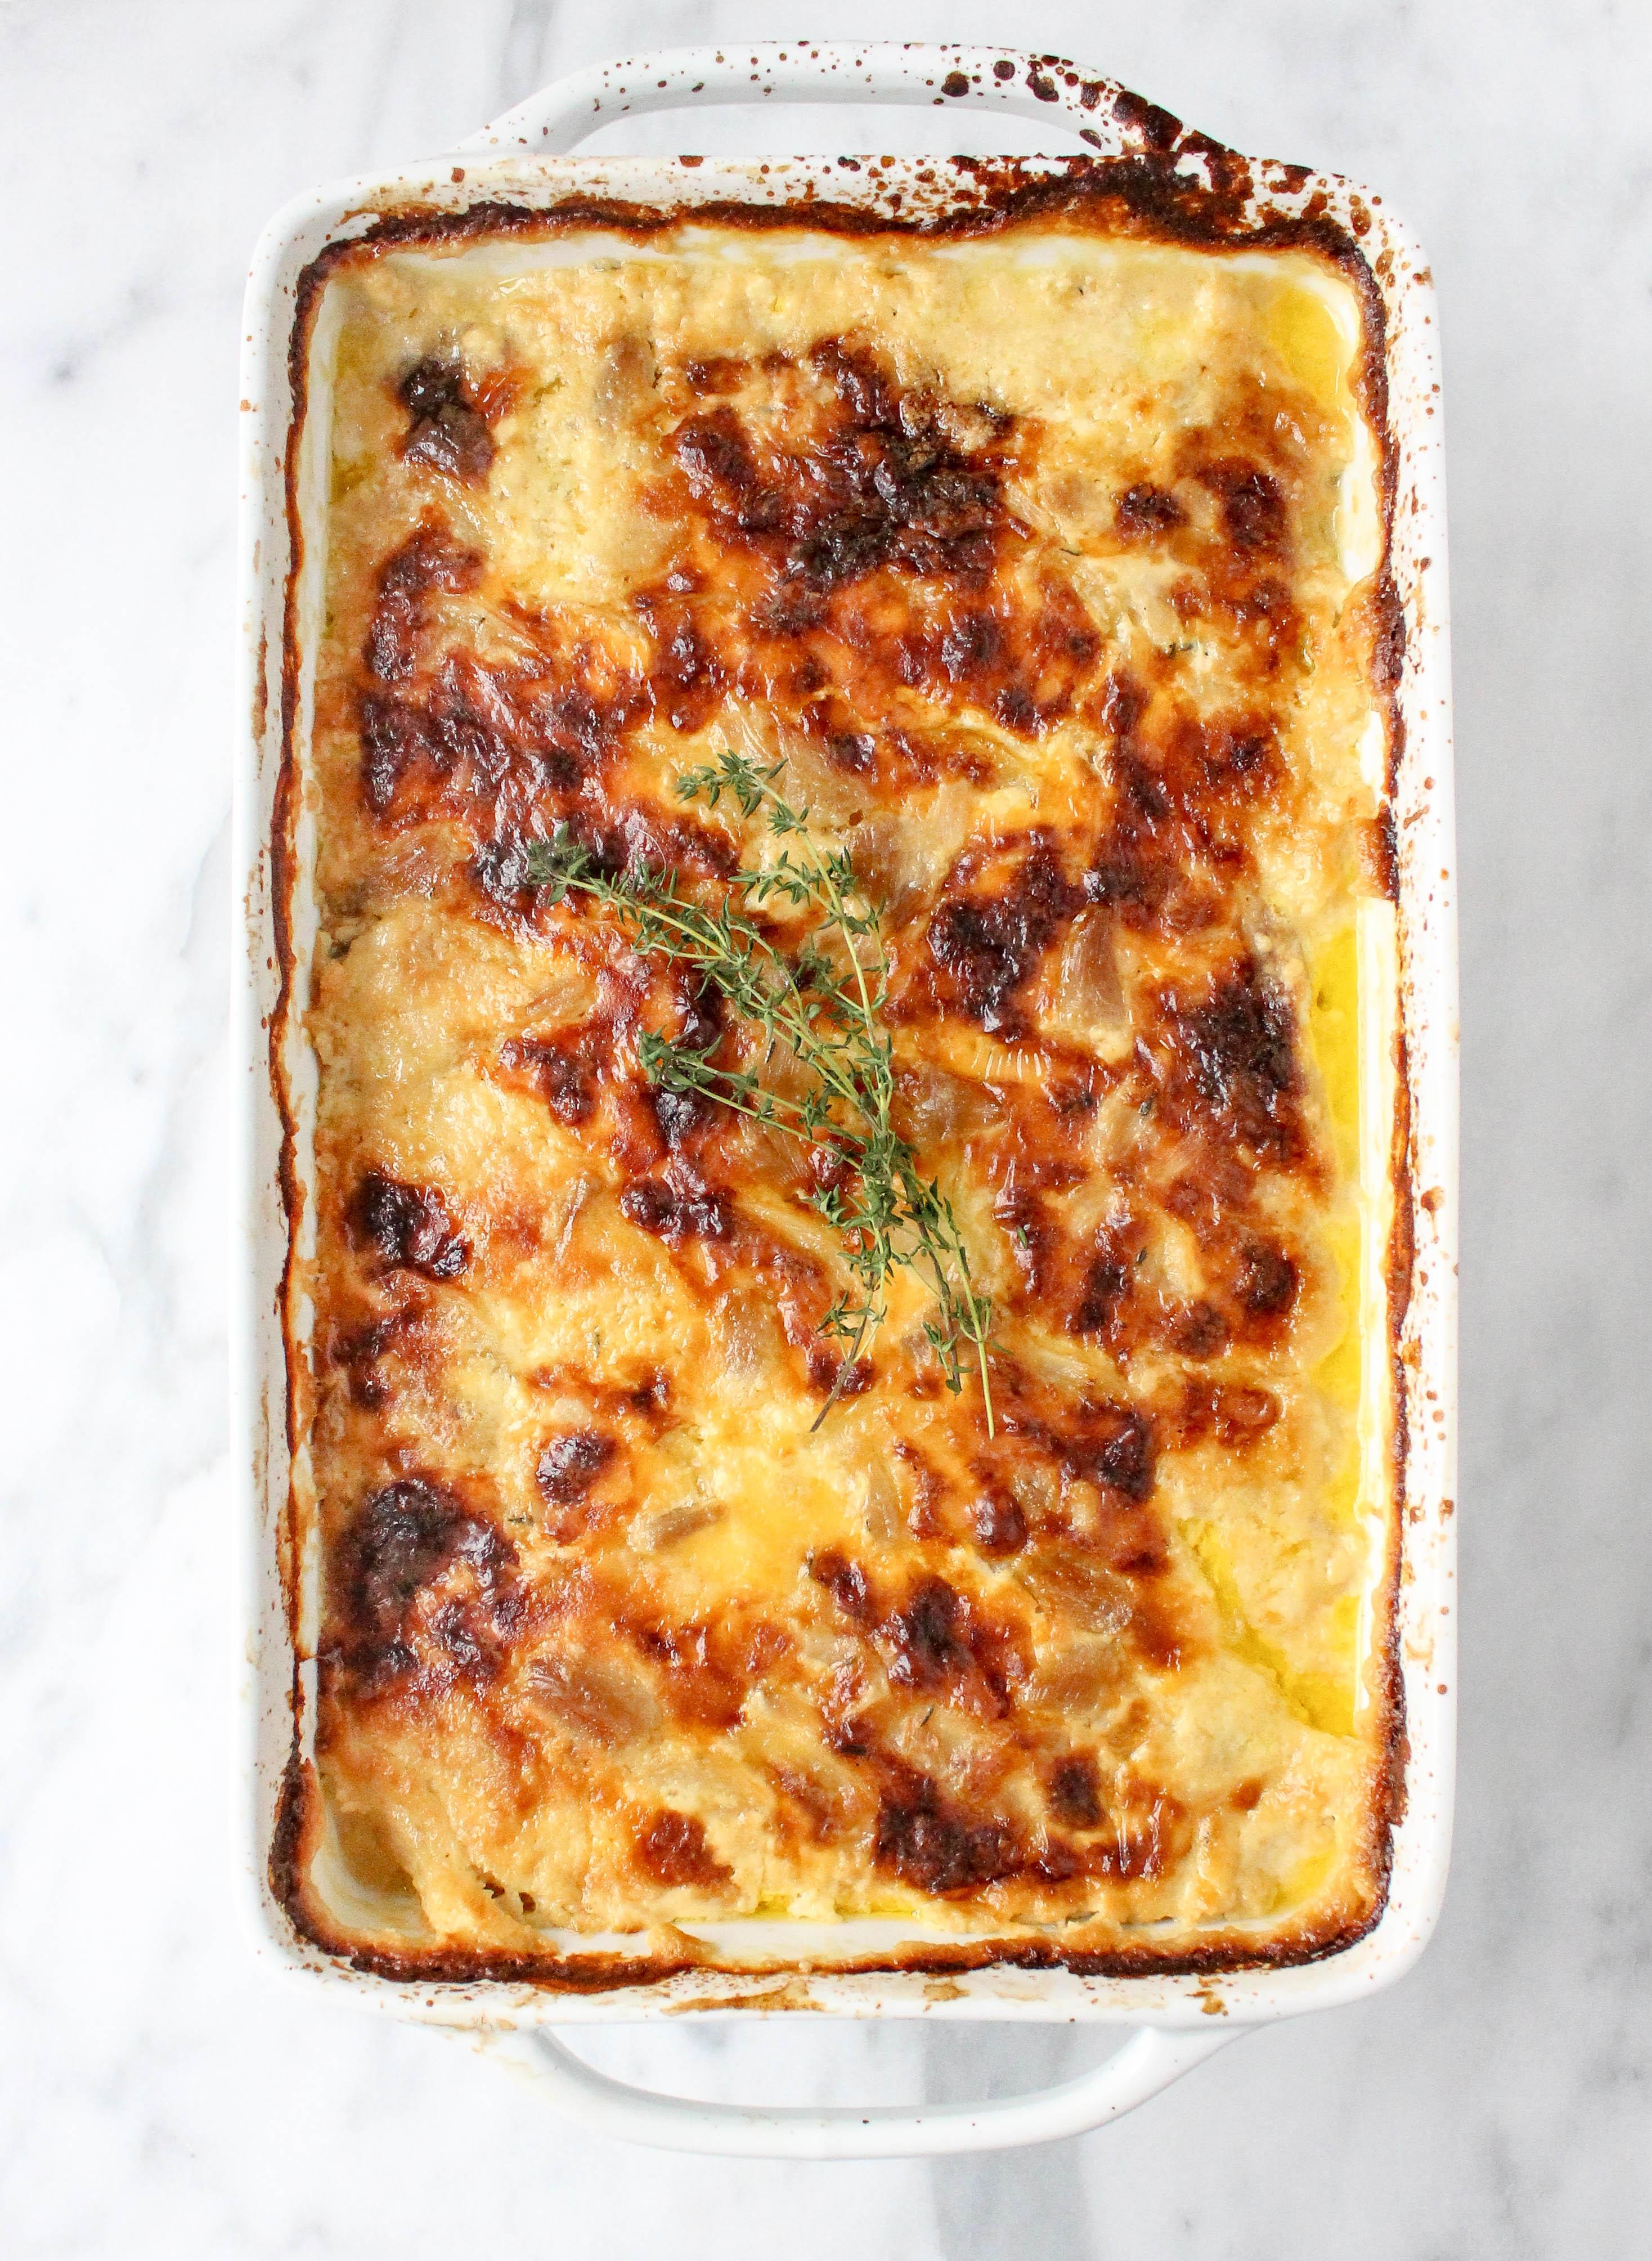 Roasted Garlic & Gouda Potato Gratin